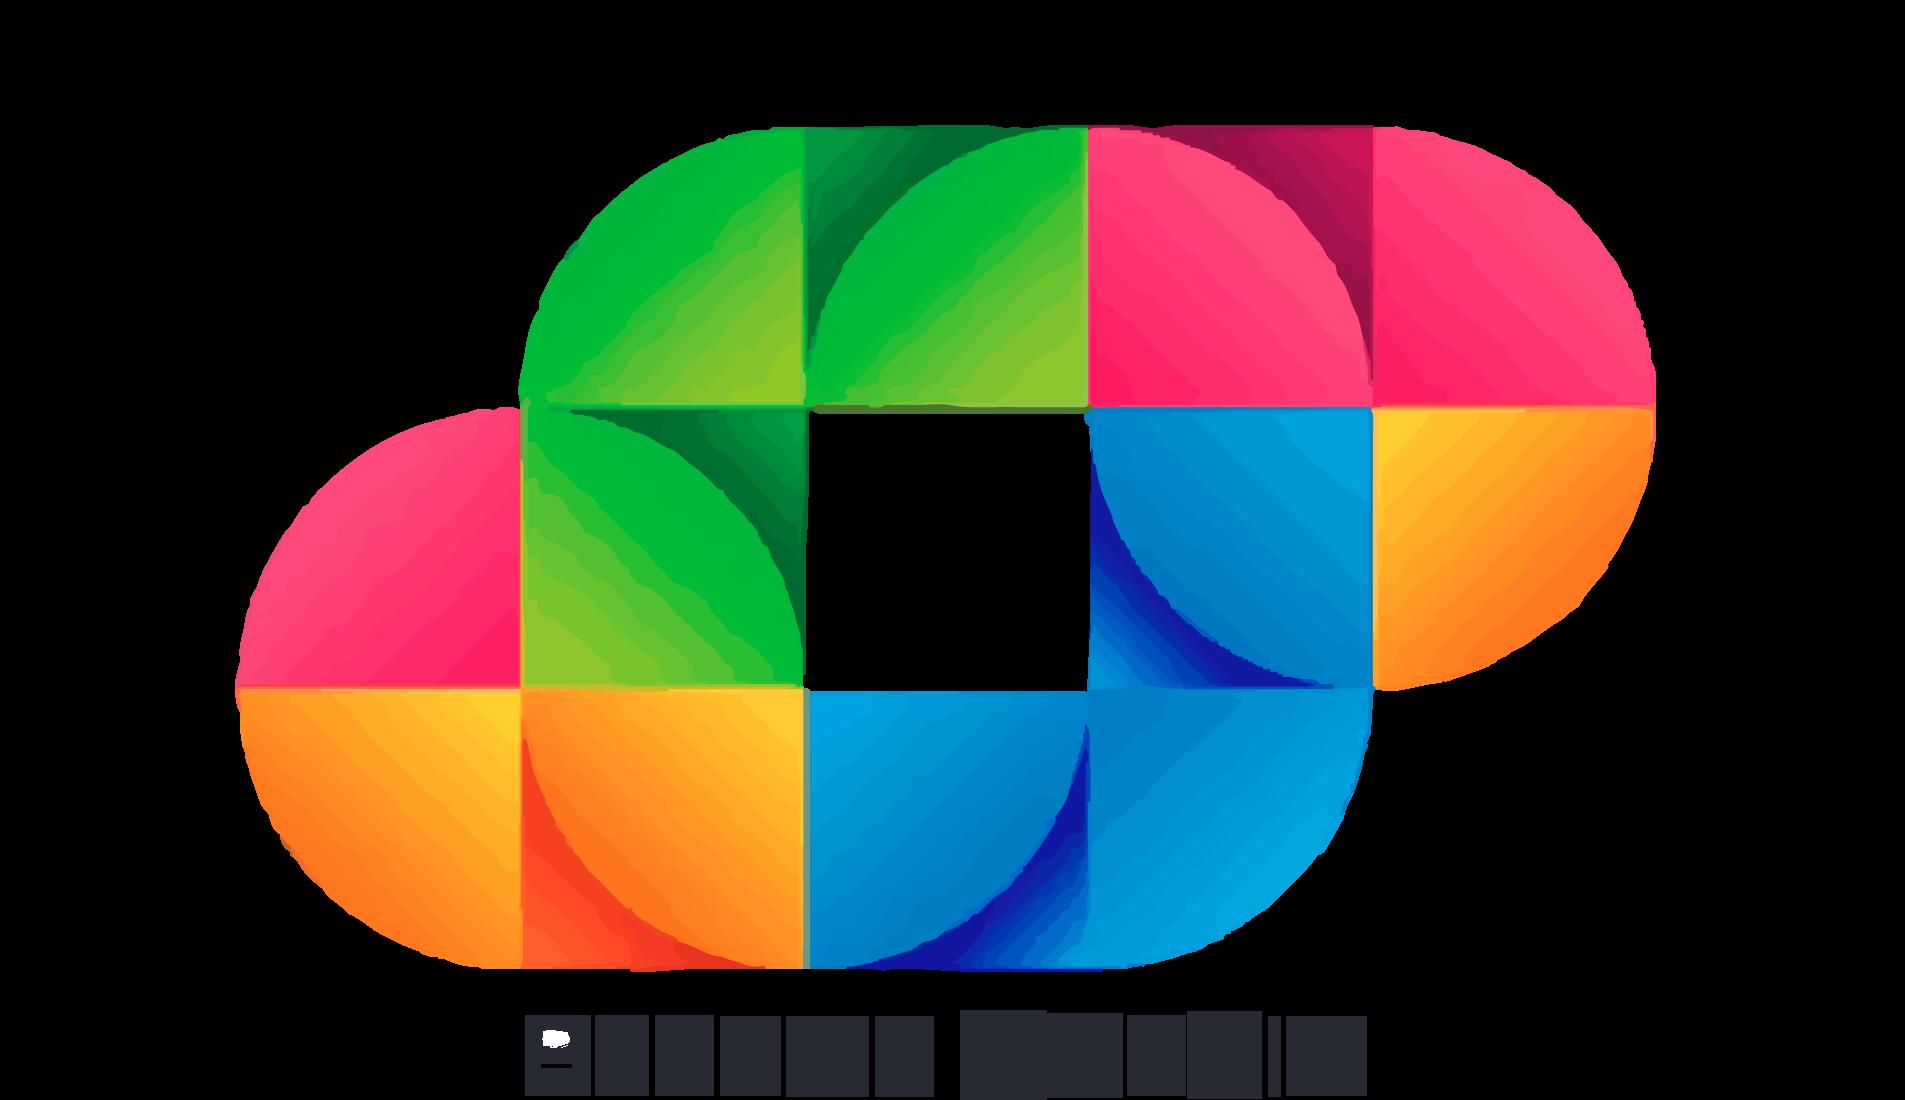 Bernar Garcia